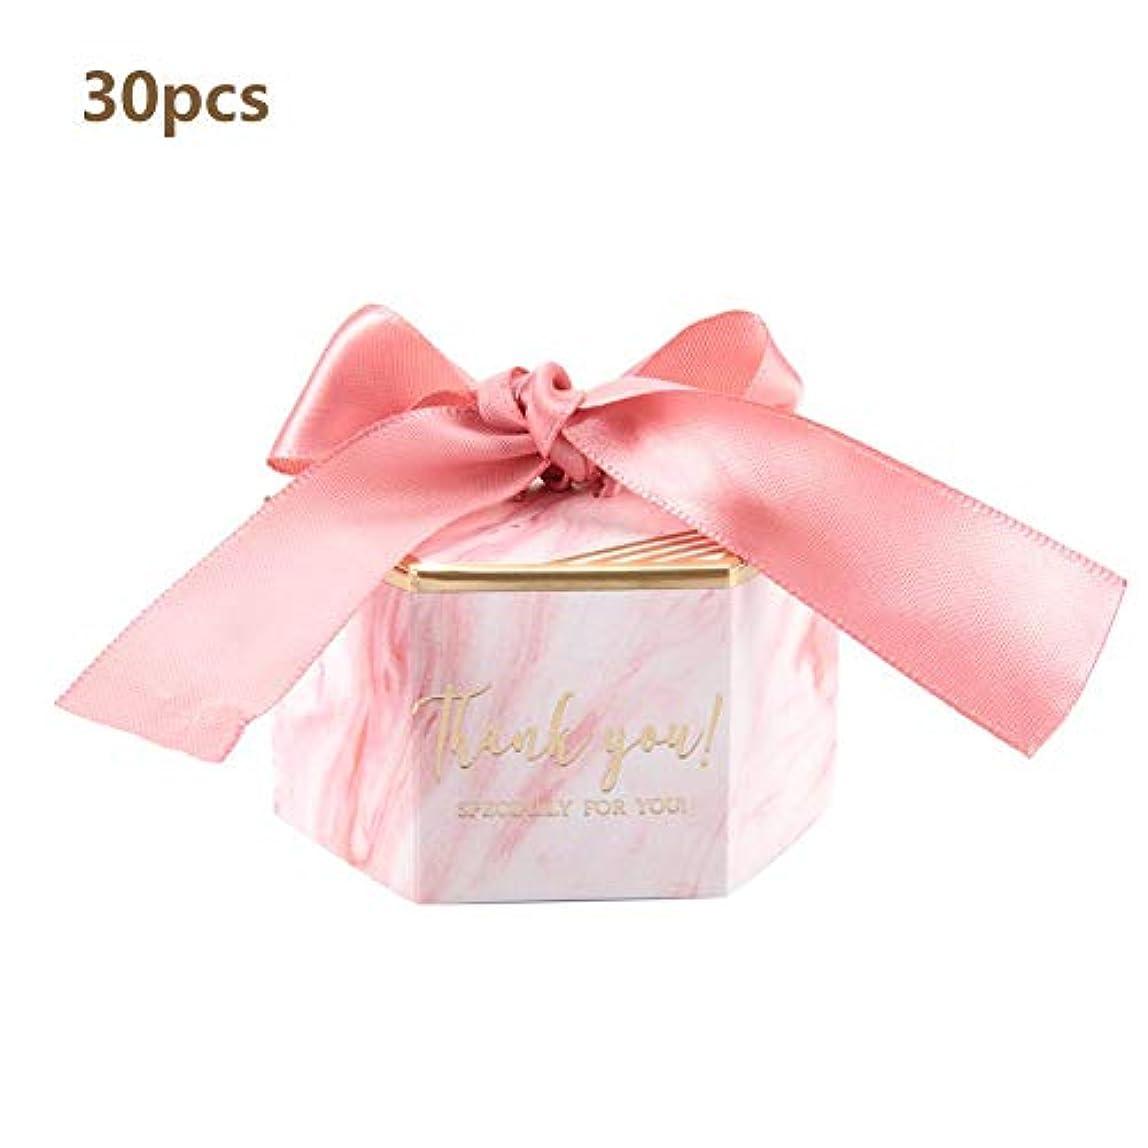 駐地調停するクレアキャンディーボックス、30ピースギフトキャンディーボックス紙ギフトボックス付きリボン結婚式の好意赤ちゃんブライダルシャワー誕生日パーティーボックス用品(ピンク)